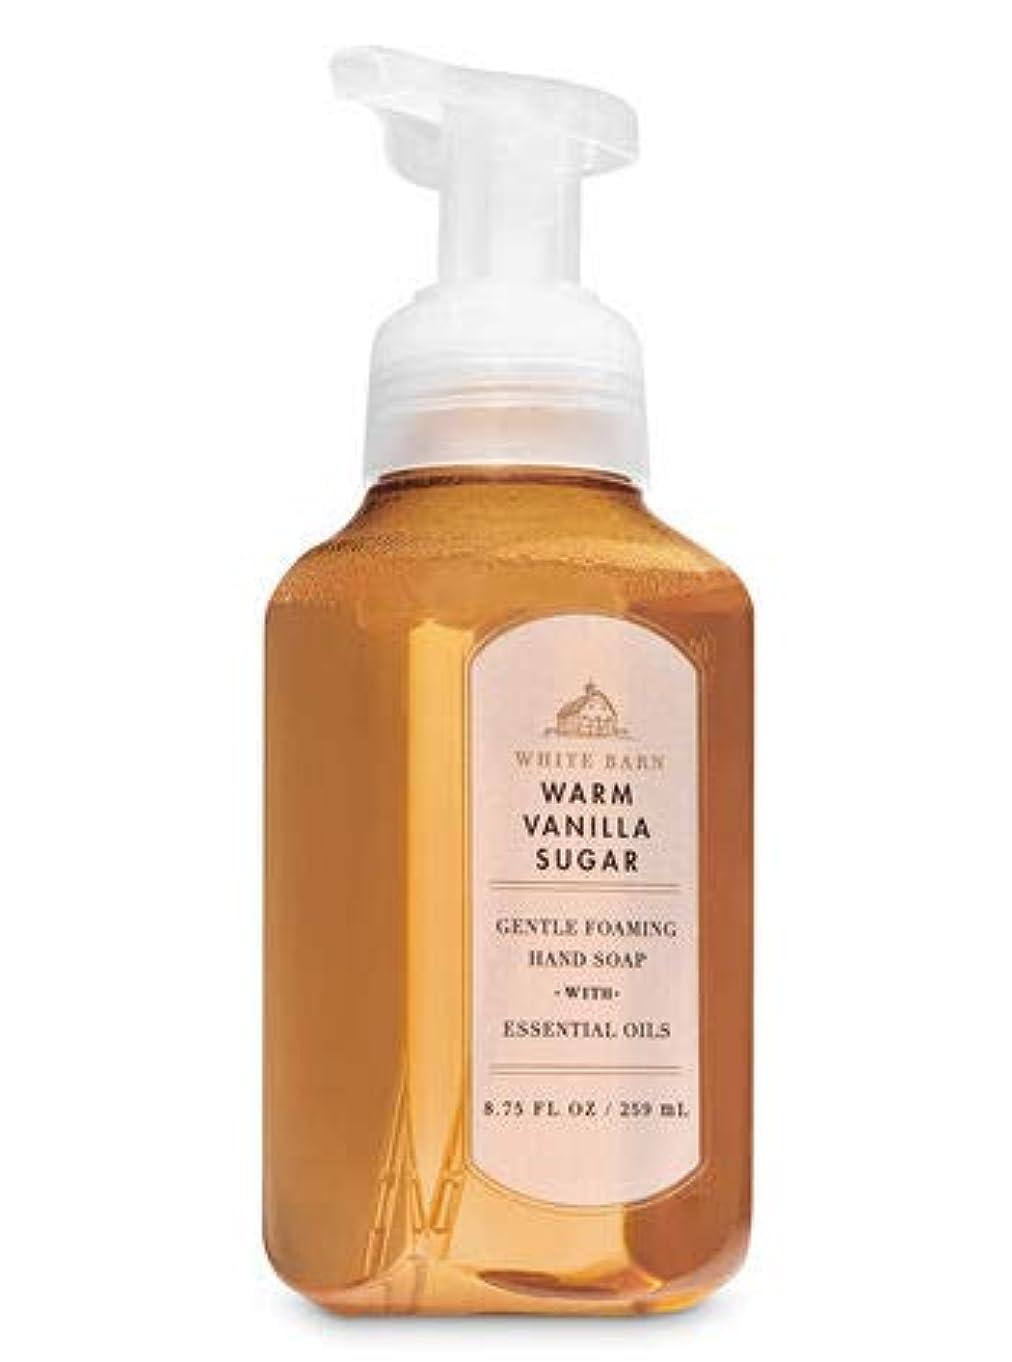 緩む騙す驚バス&ボディワークス ウォームバニラシュガー ジェントル フォーミング ハンドソープ Warm Vanilla Sugar Gentle Foaming Hand Soap [並行輸入品]